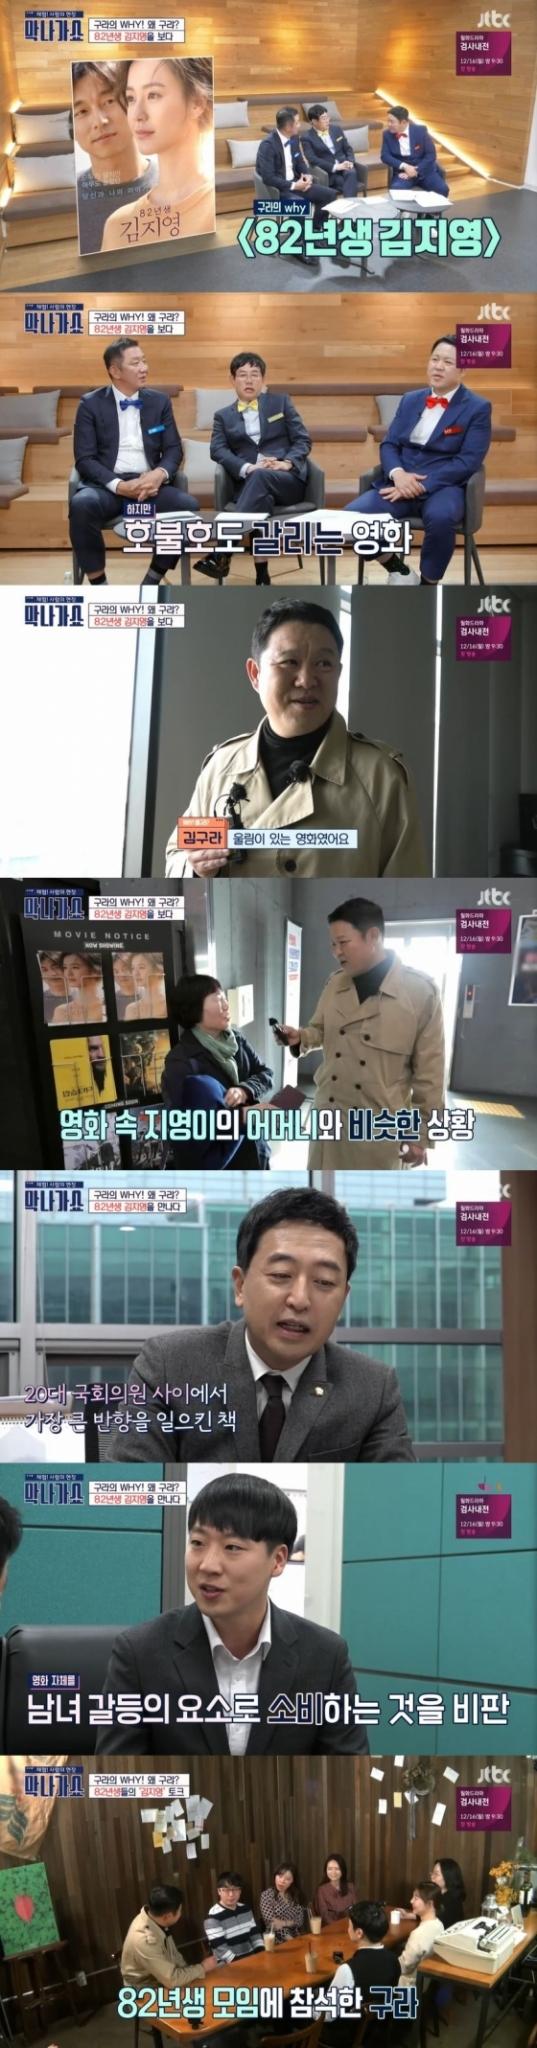 /사진=JTBC 시사·교양 프로그램 '체험! 사람의 현장 '막나가쇼'' 캡처